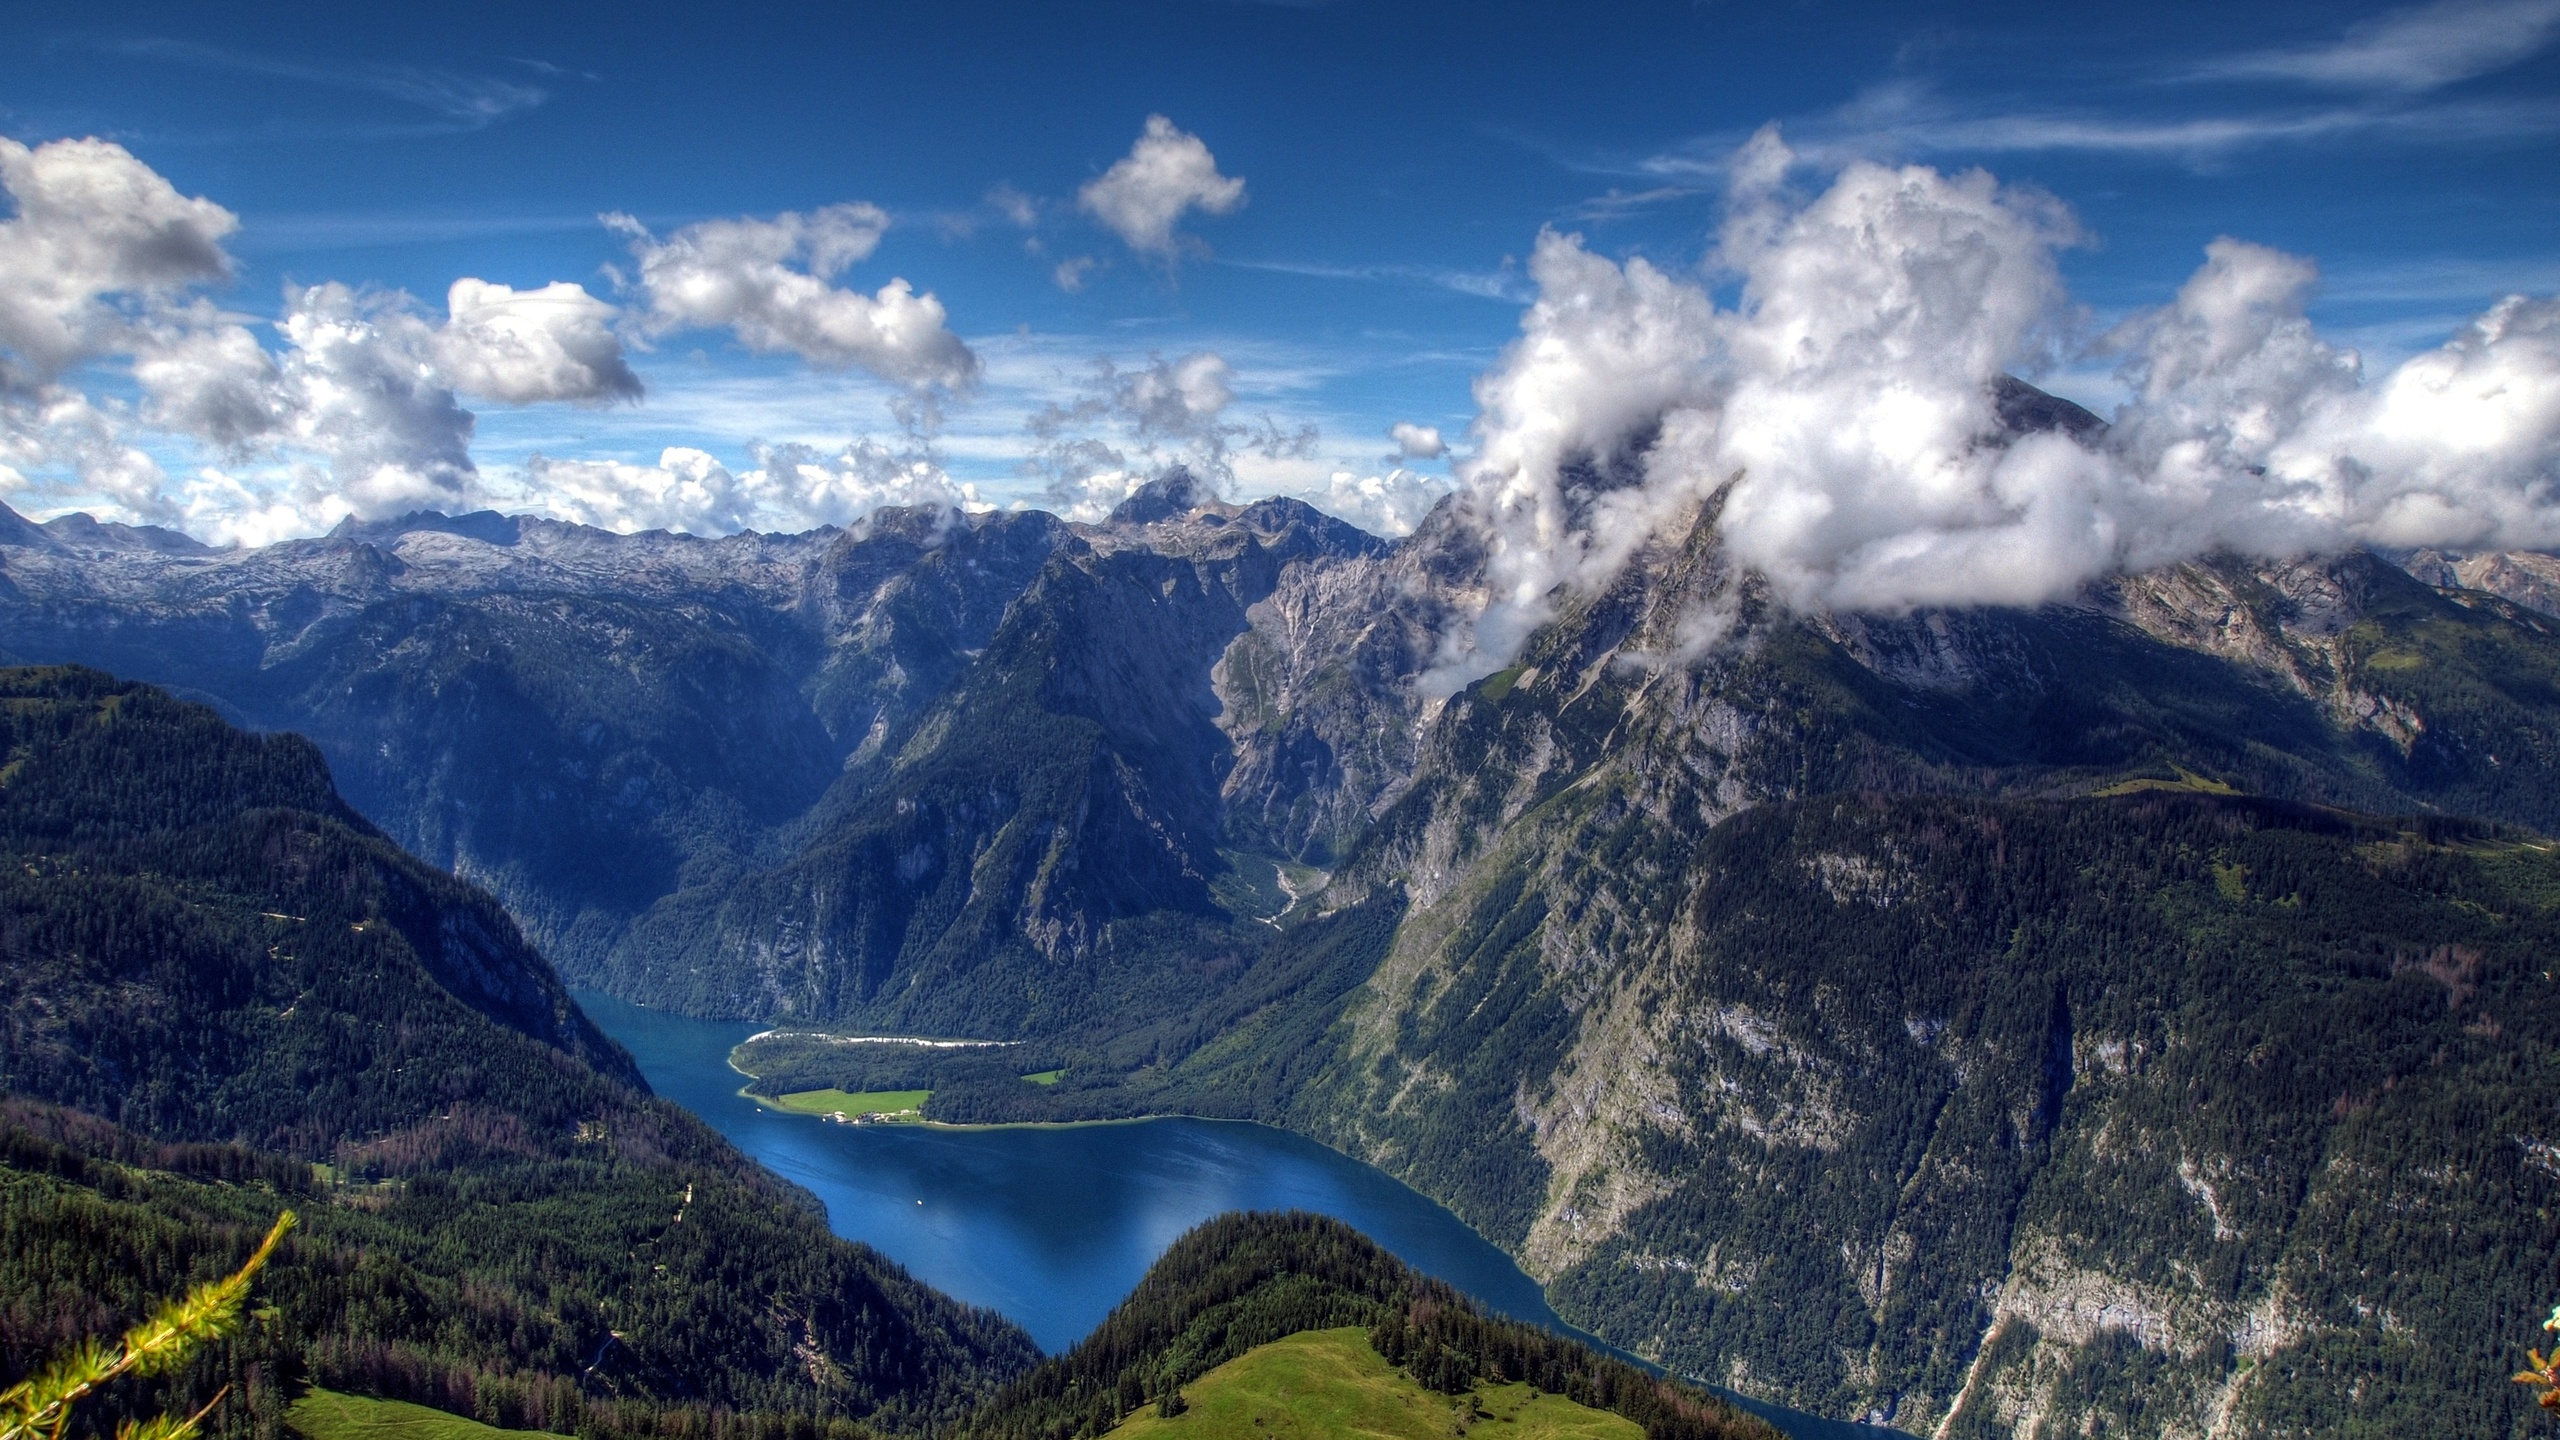 природа горы небо облака река деревья nature mountains the sky clouds river trees  № 1223818 бесплатно